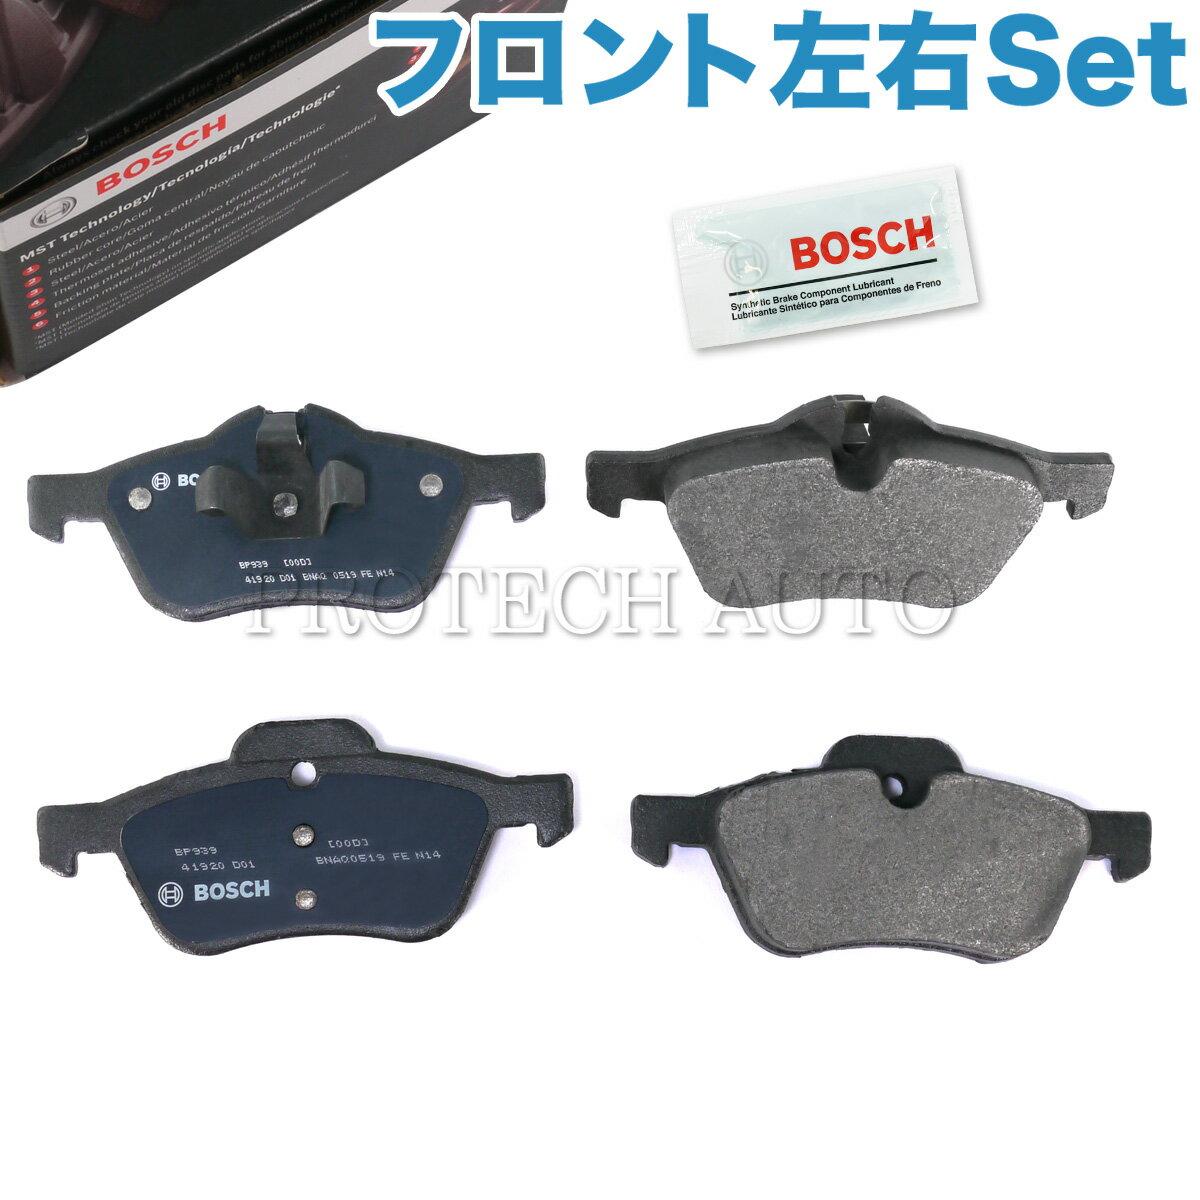 ブレーキ, ブレーキパッド BOSCH QuietCast BMW MINI R50 R53 R52 34116770332 34116765446 Cooper One1.6i CooperS